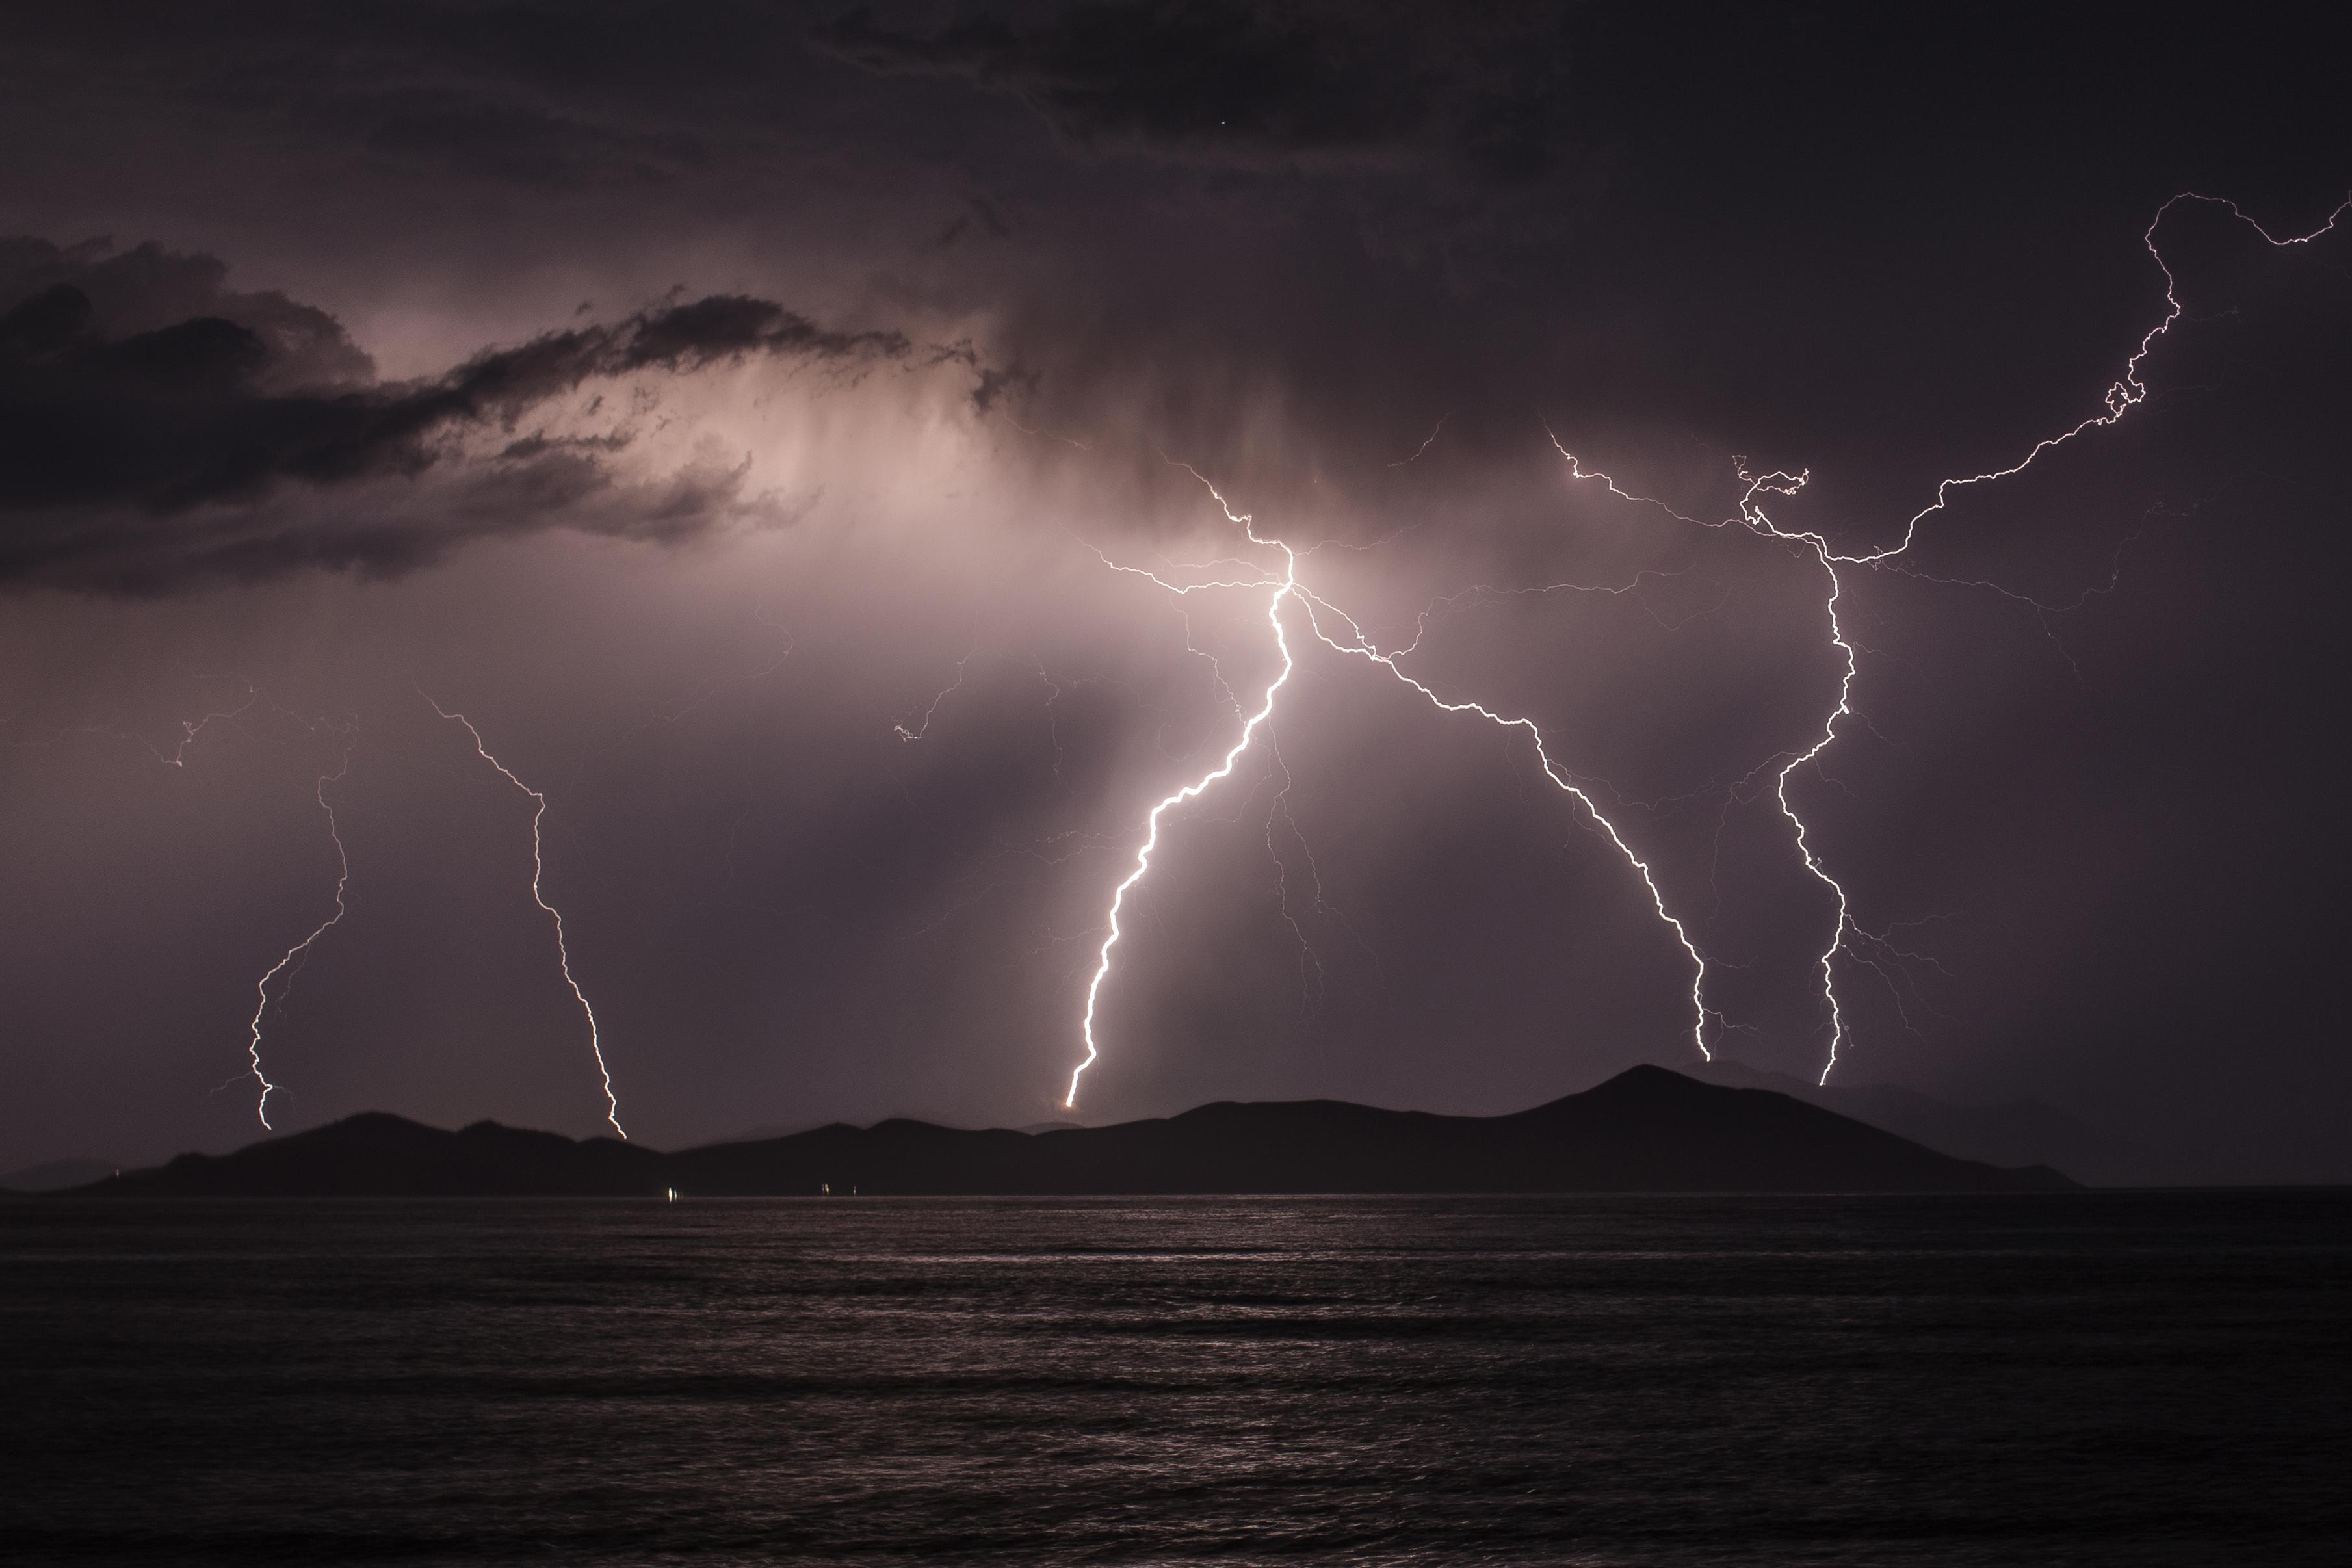 Thunder storm photo